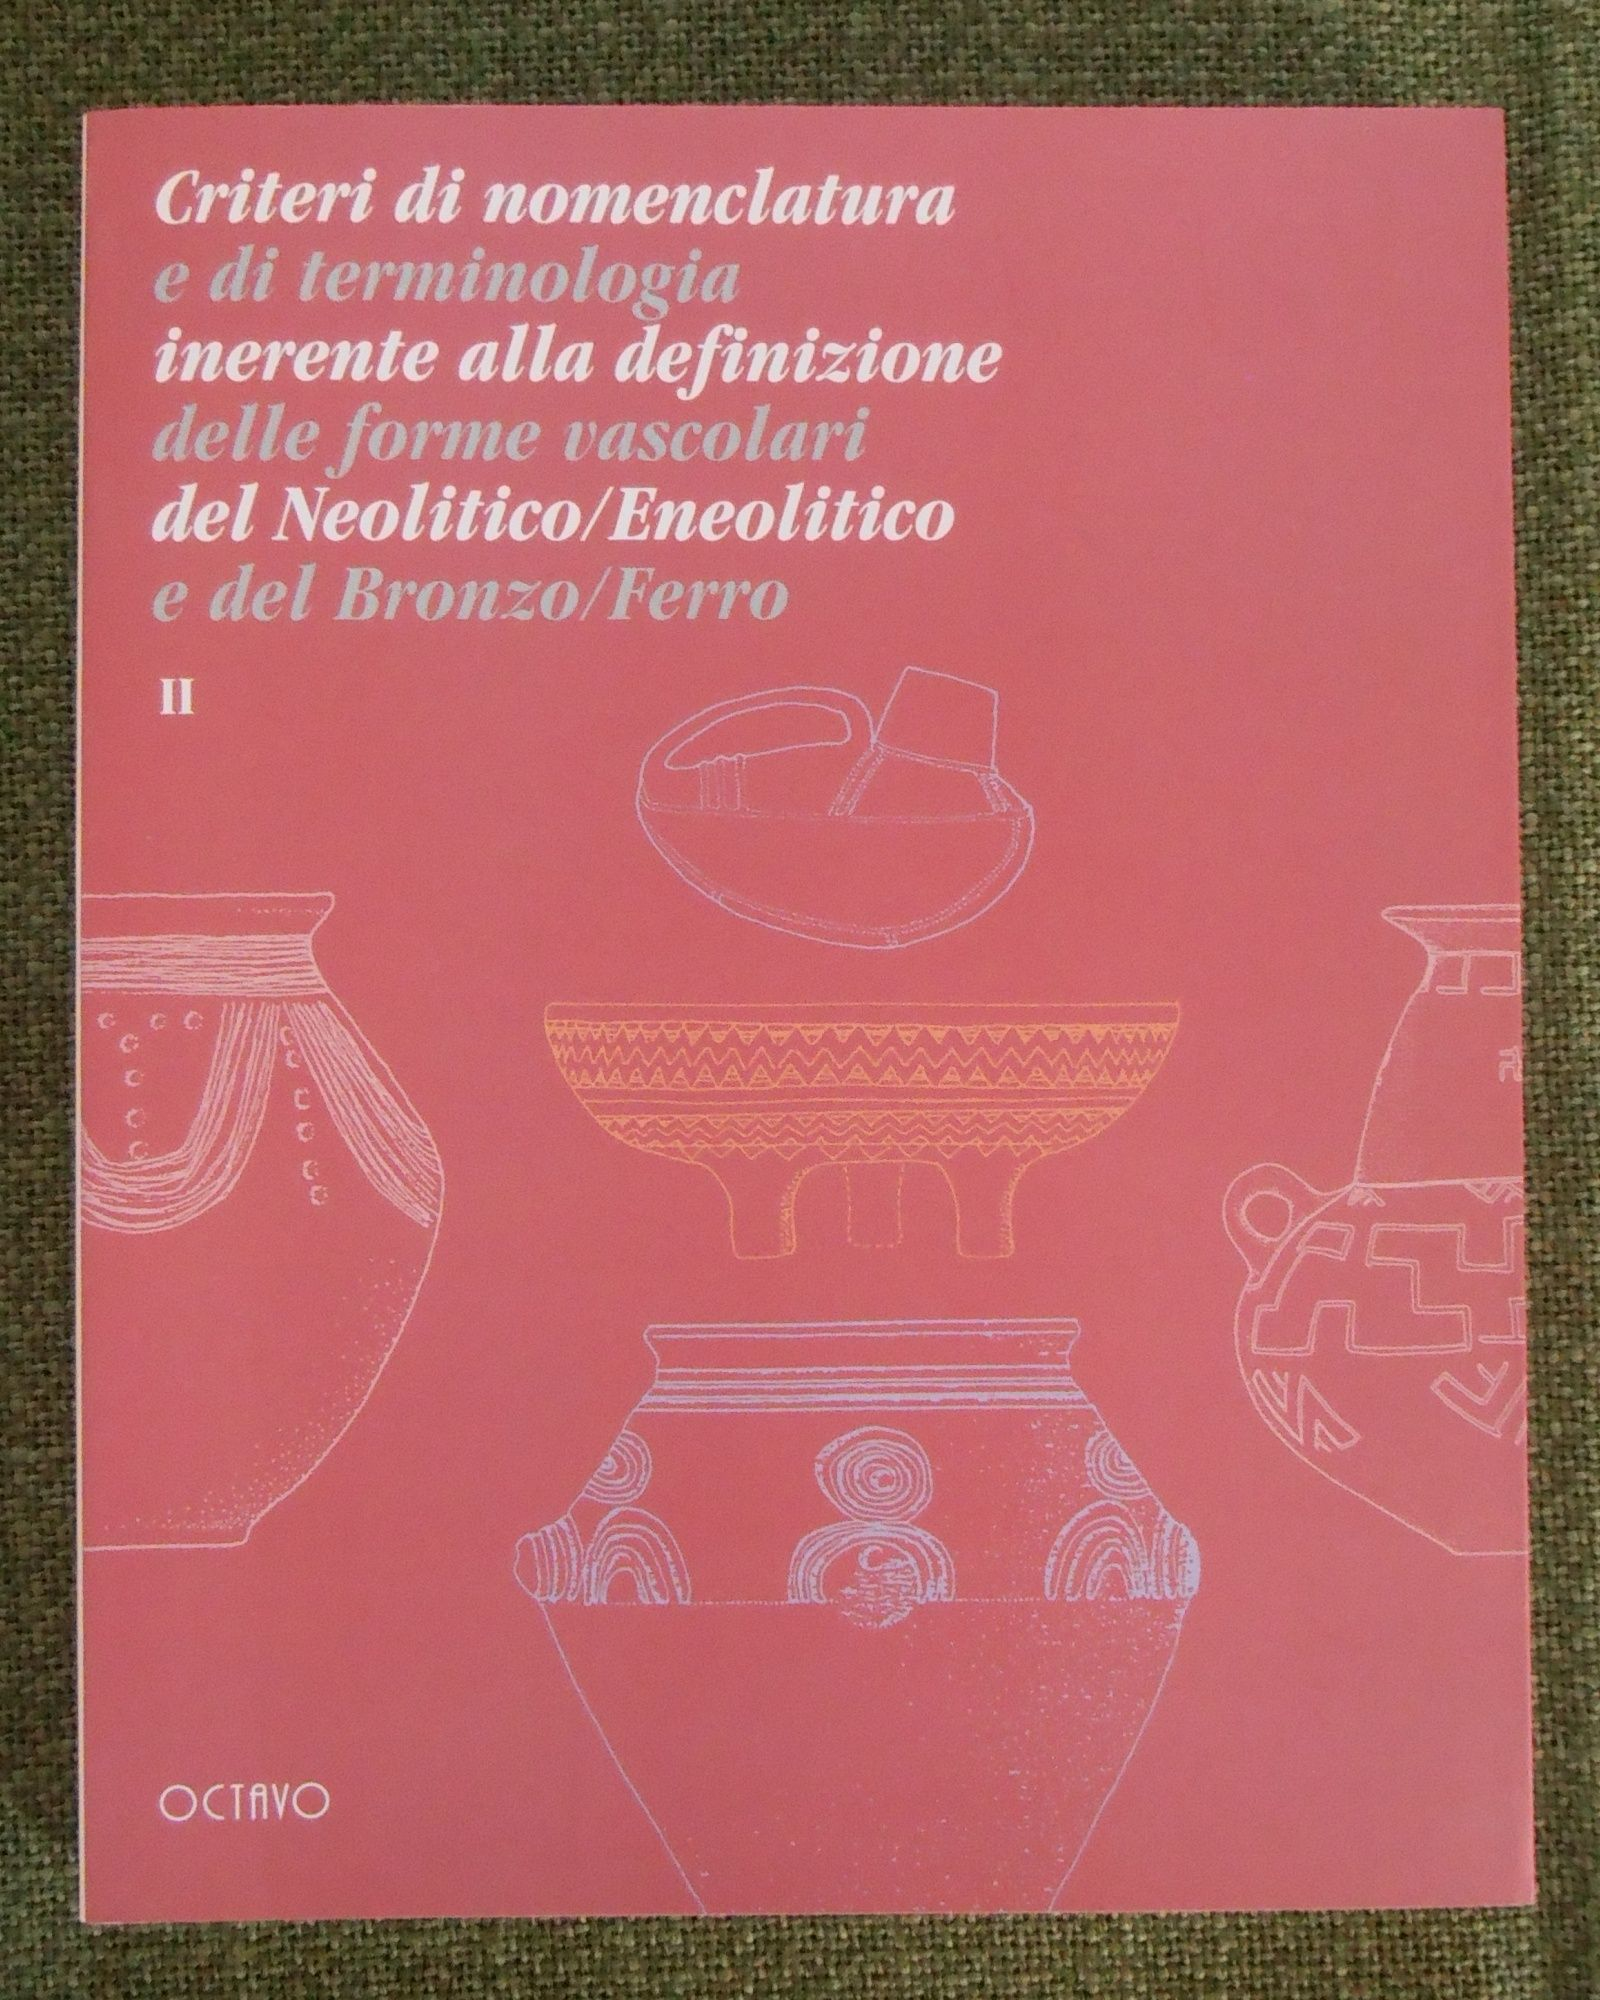 Criteri di nomenclatura e di terminologia inerente alla definizione delle forme vascolari del Neolitico/Eneolitico e del Bronzo/Ferro. Vol. 1 + 2